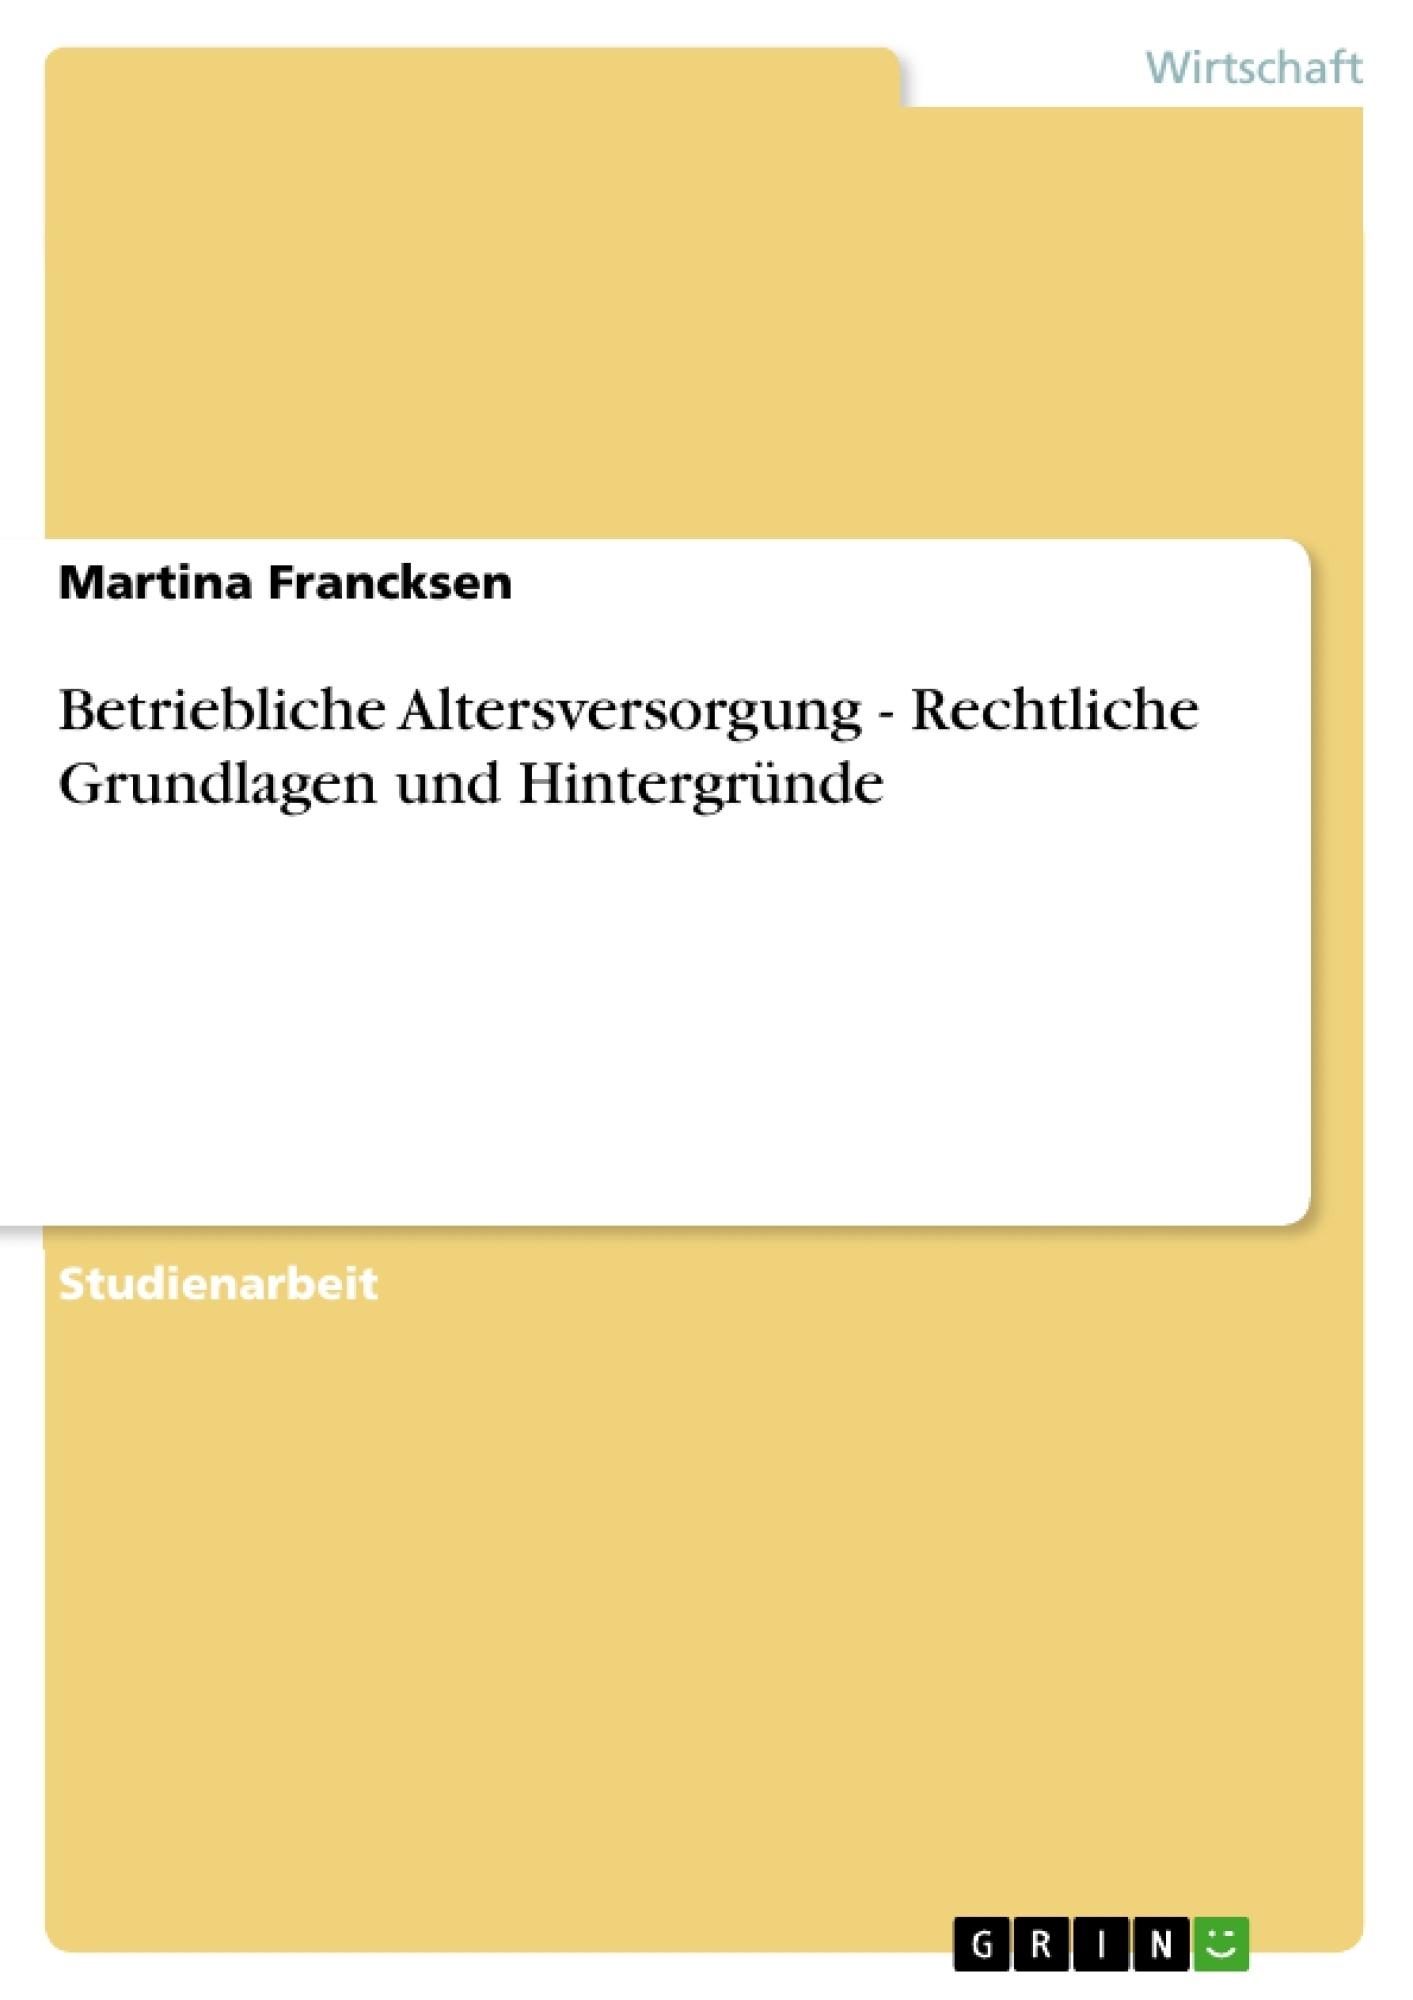 Titel: Betriebliche Altersversorgung - Rechtliche Grundlagen und Hintergründe